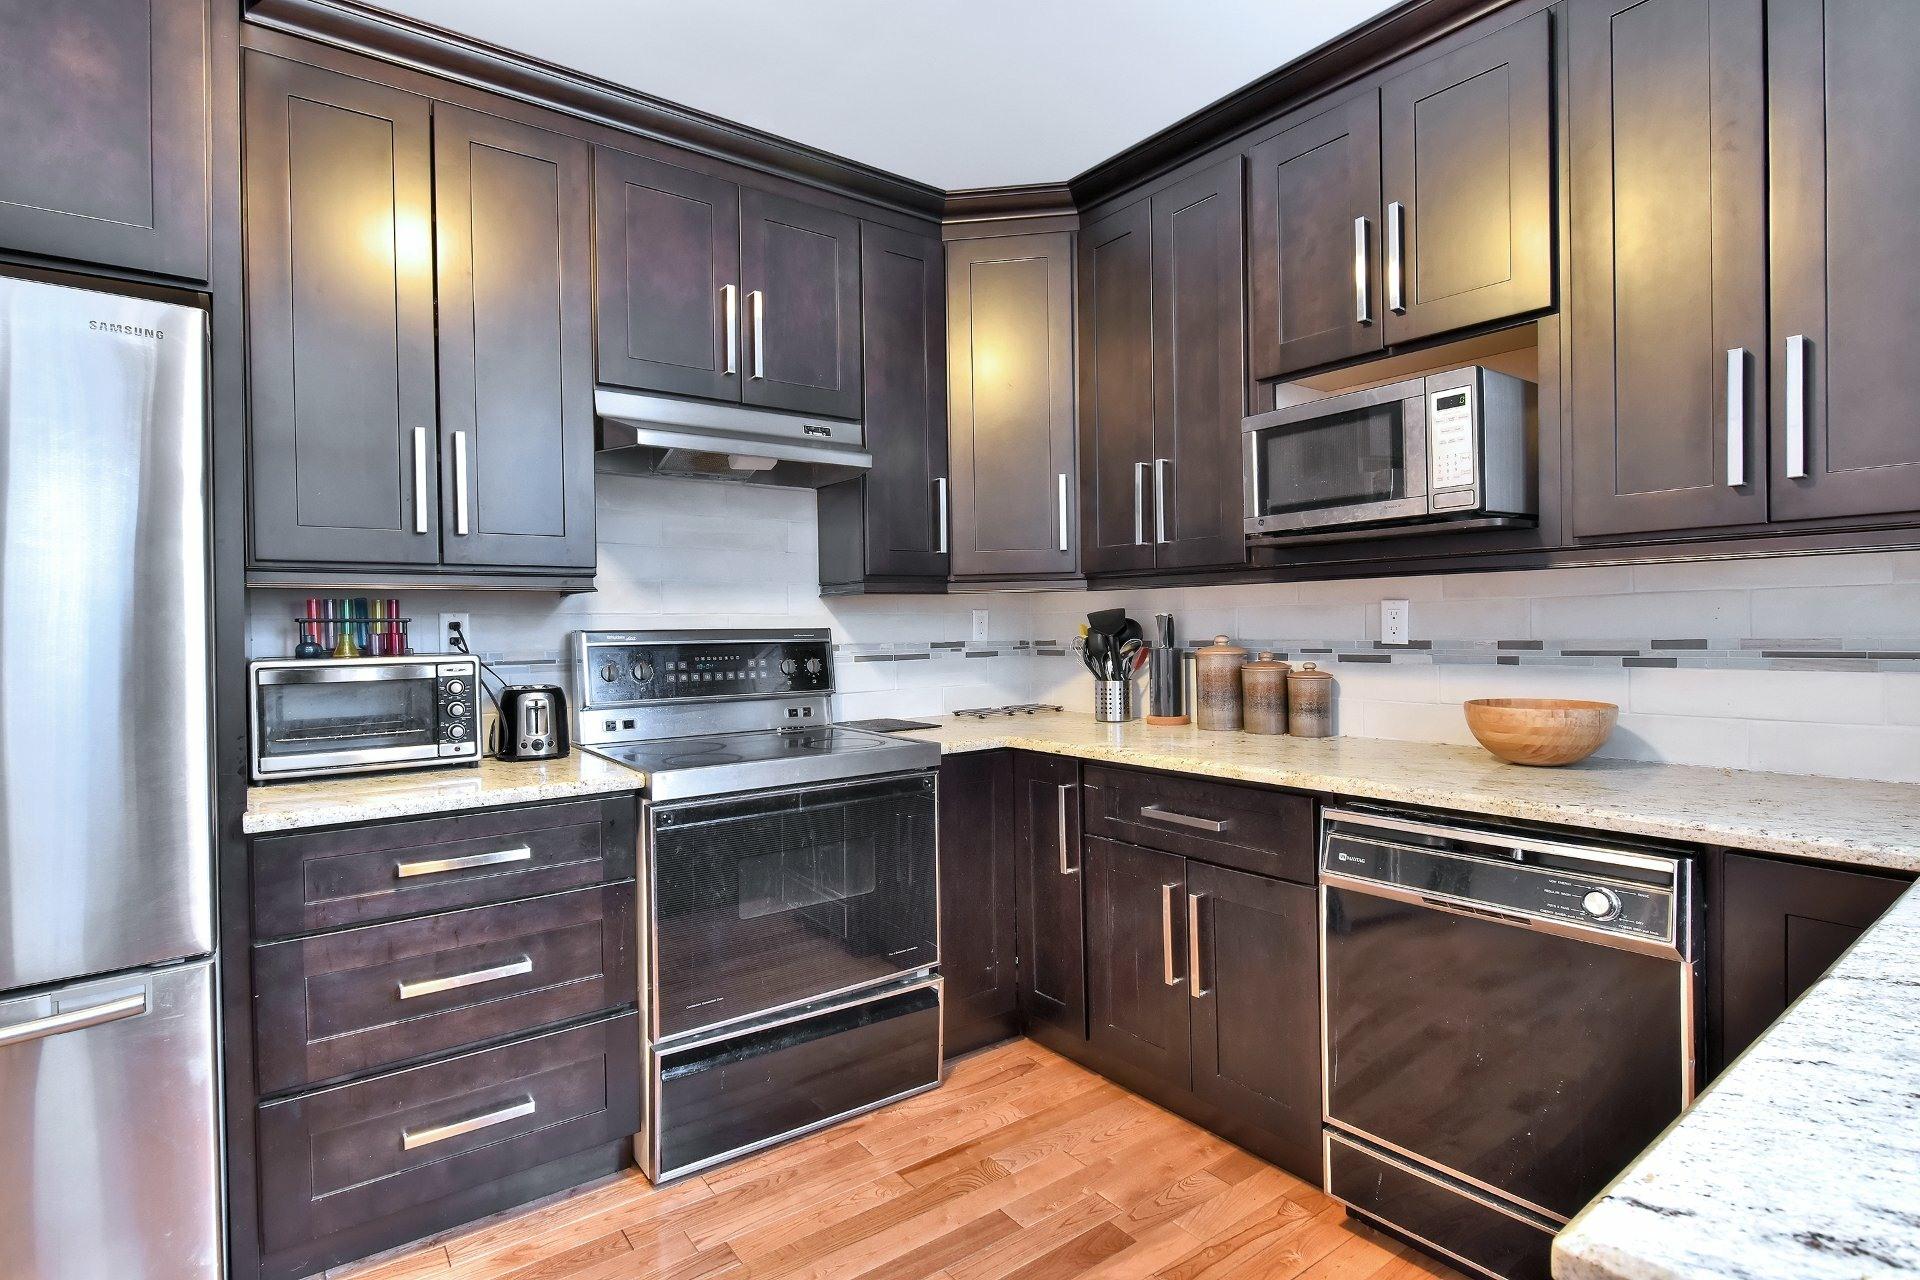 image 9 - Apartment For sale Côte-des-Neiges/Notre-Dame-de-Grâce Montréal  - 7 rooms